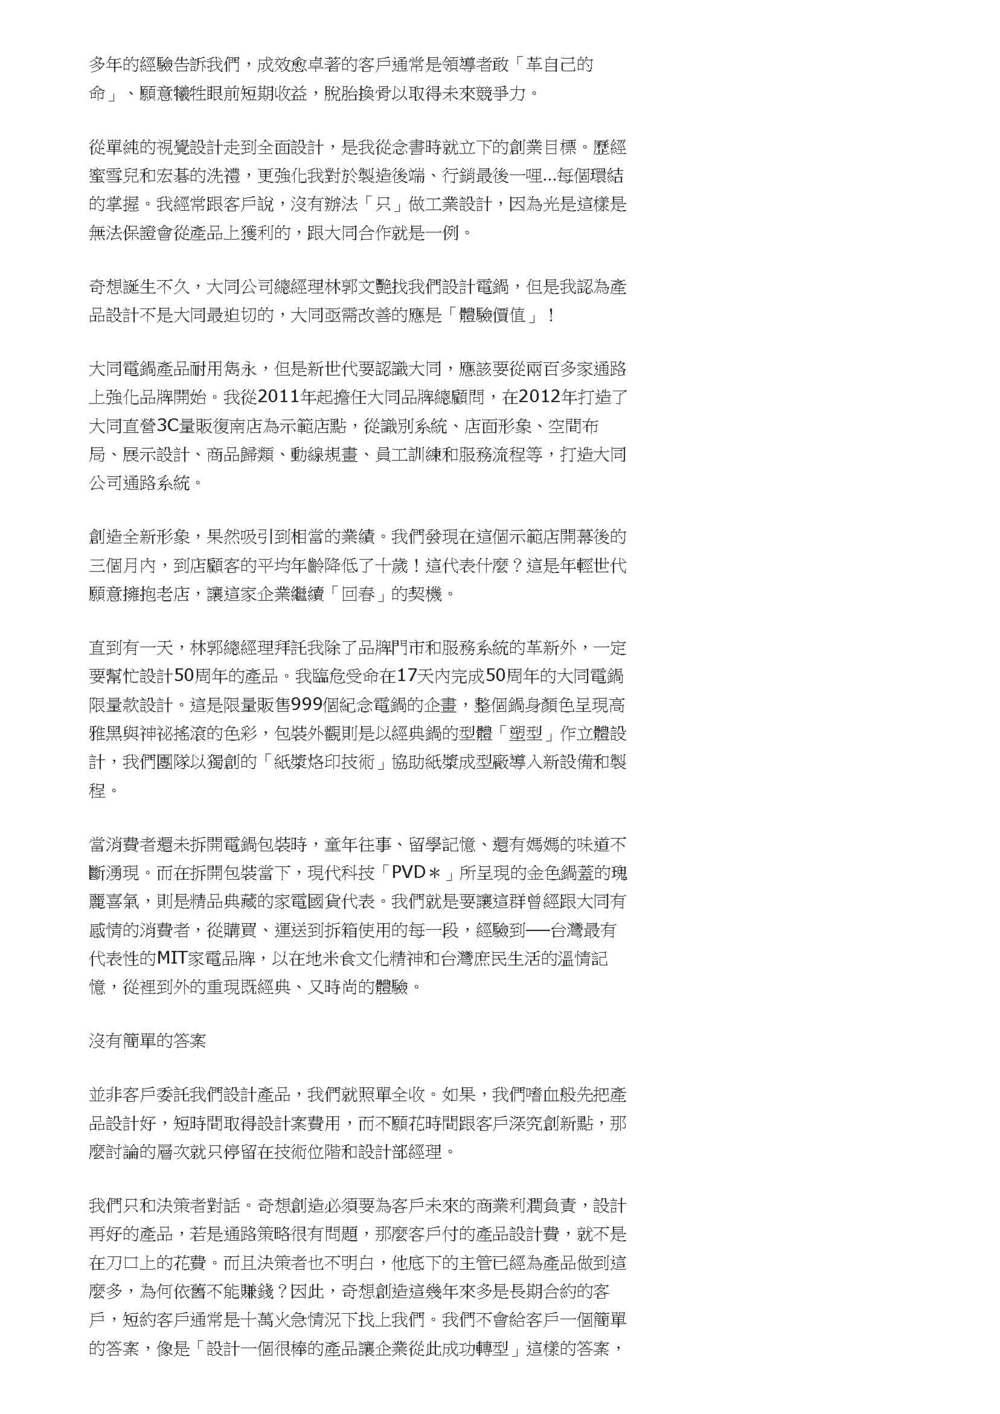 〈創意制勝〉-革自己的命 企業強化競爭力_中時電子報_2015年03月24日_02.jpg